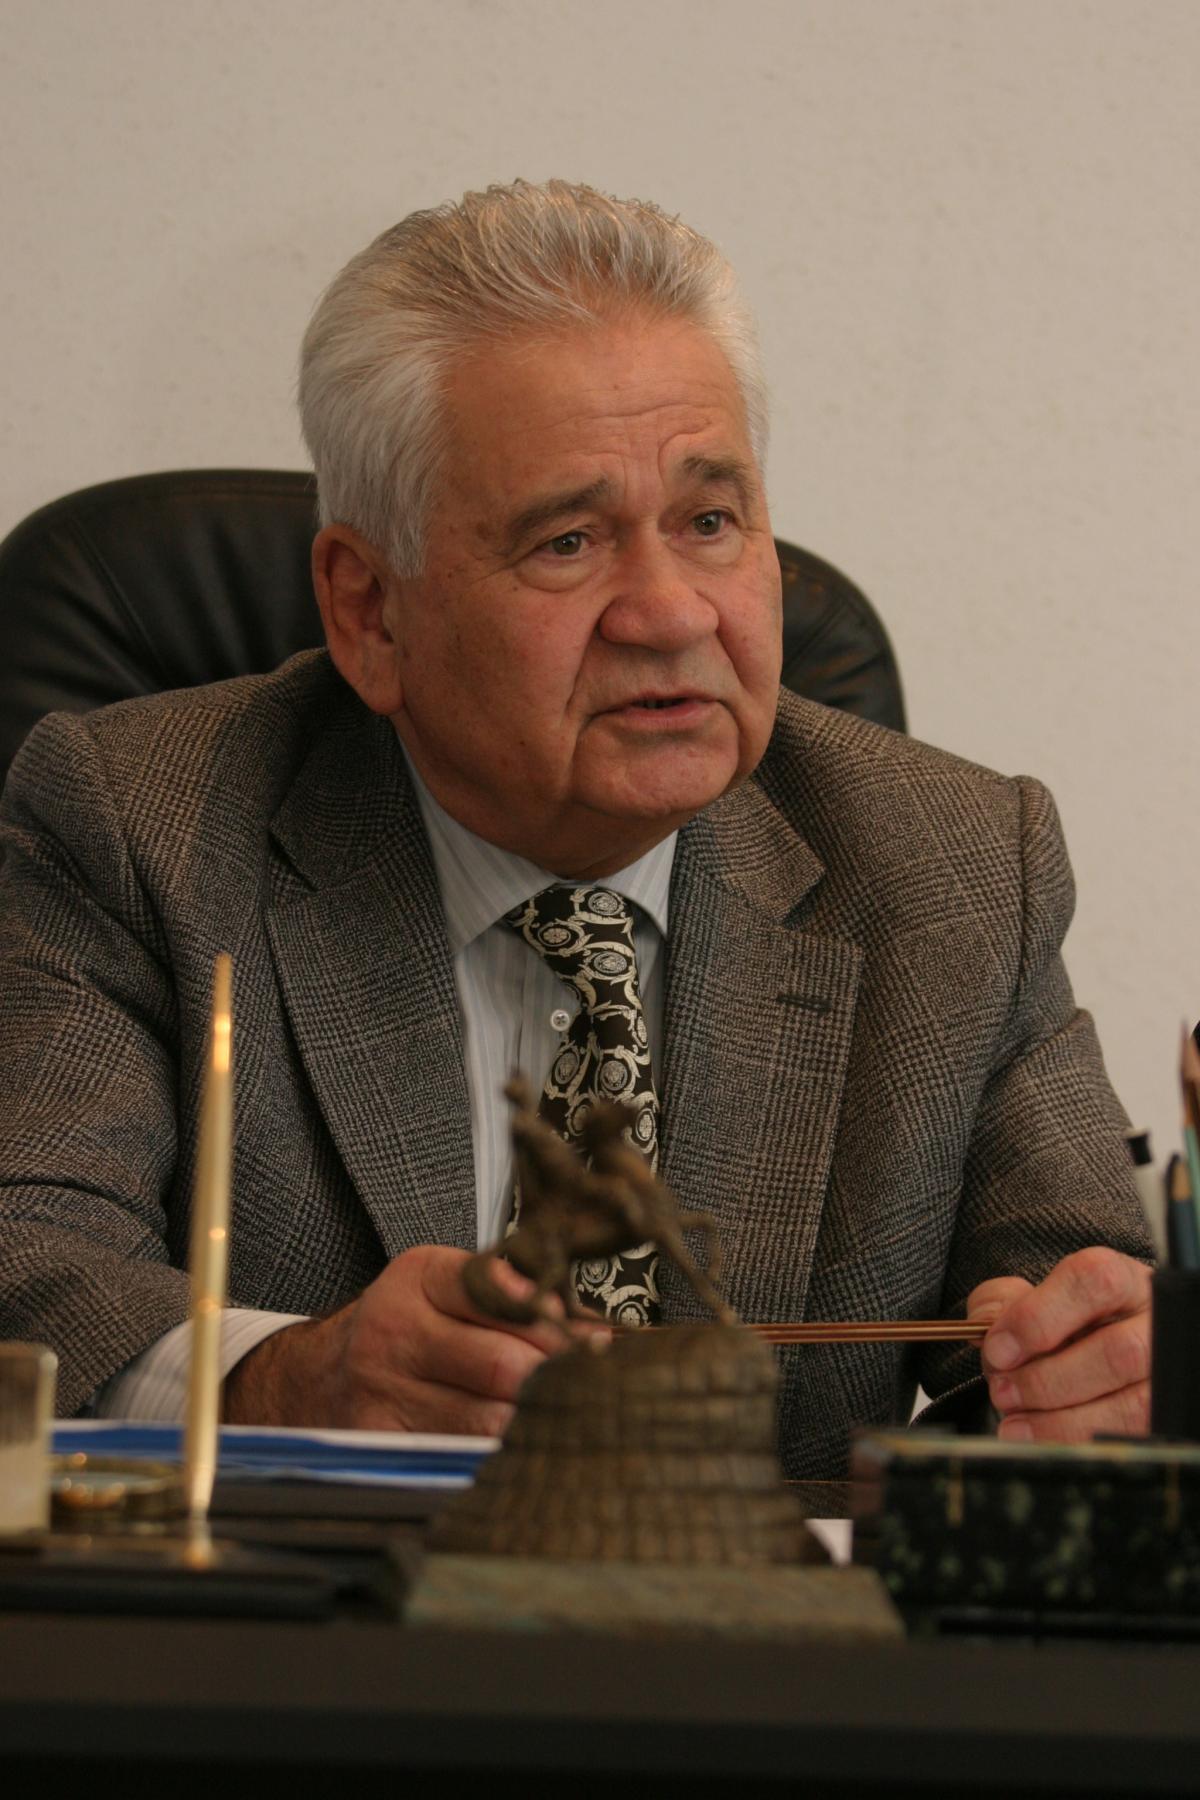 """Фокін заявив, що """"ніколи не буде ворогом Росії""""/ фото Вікіпедія"""